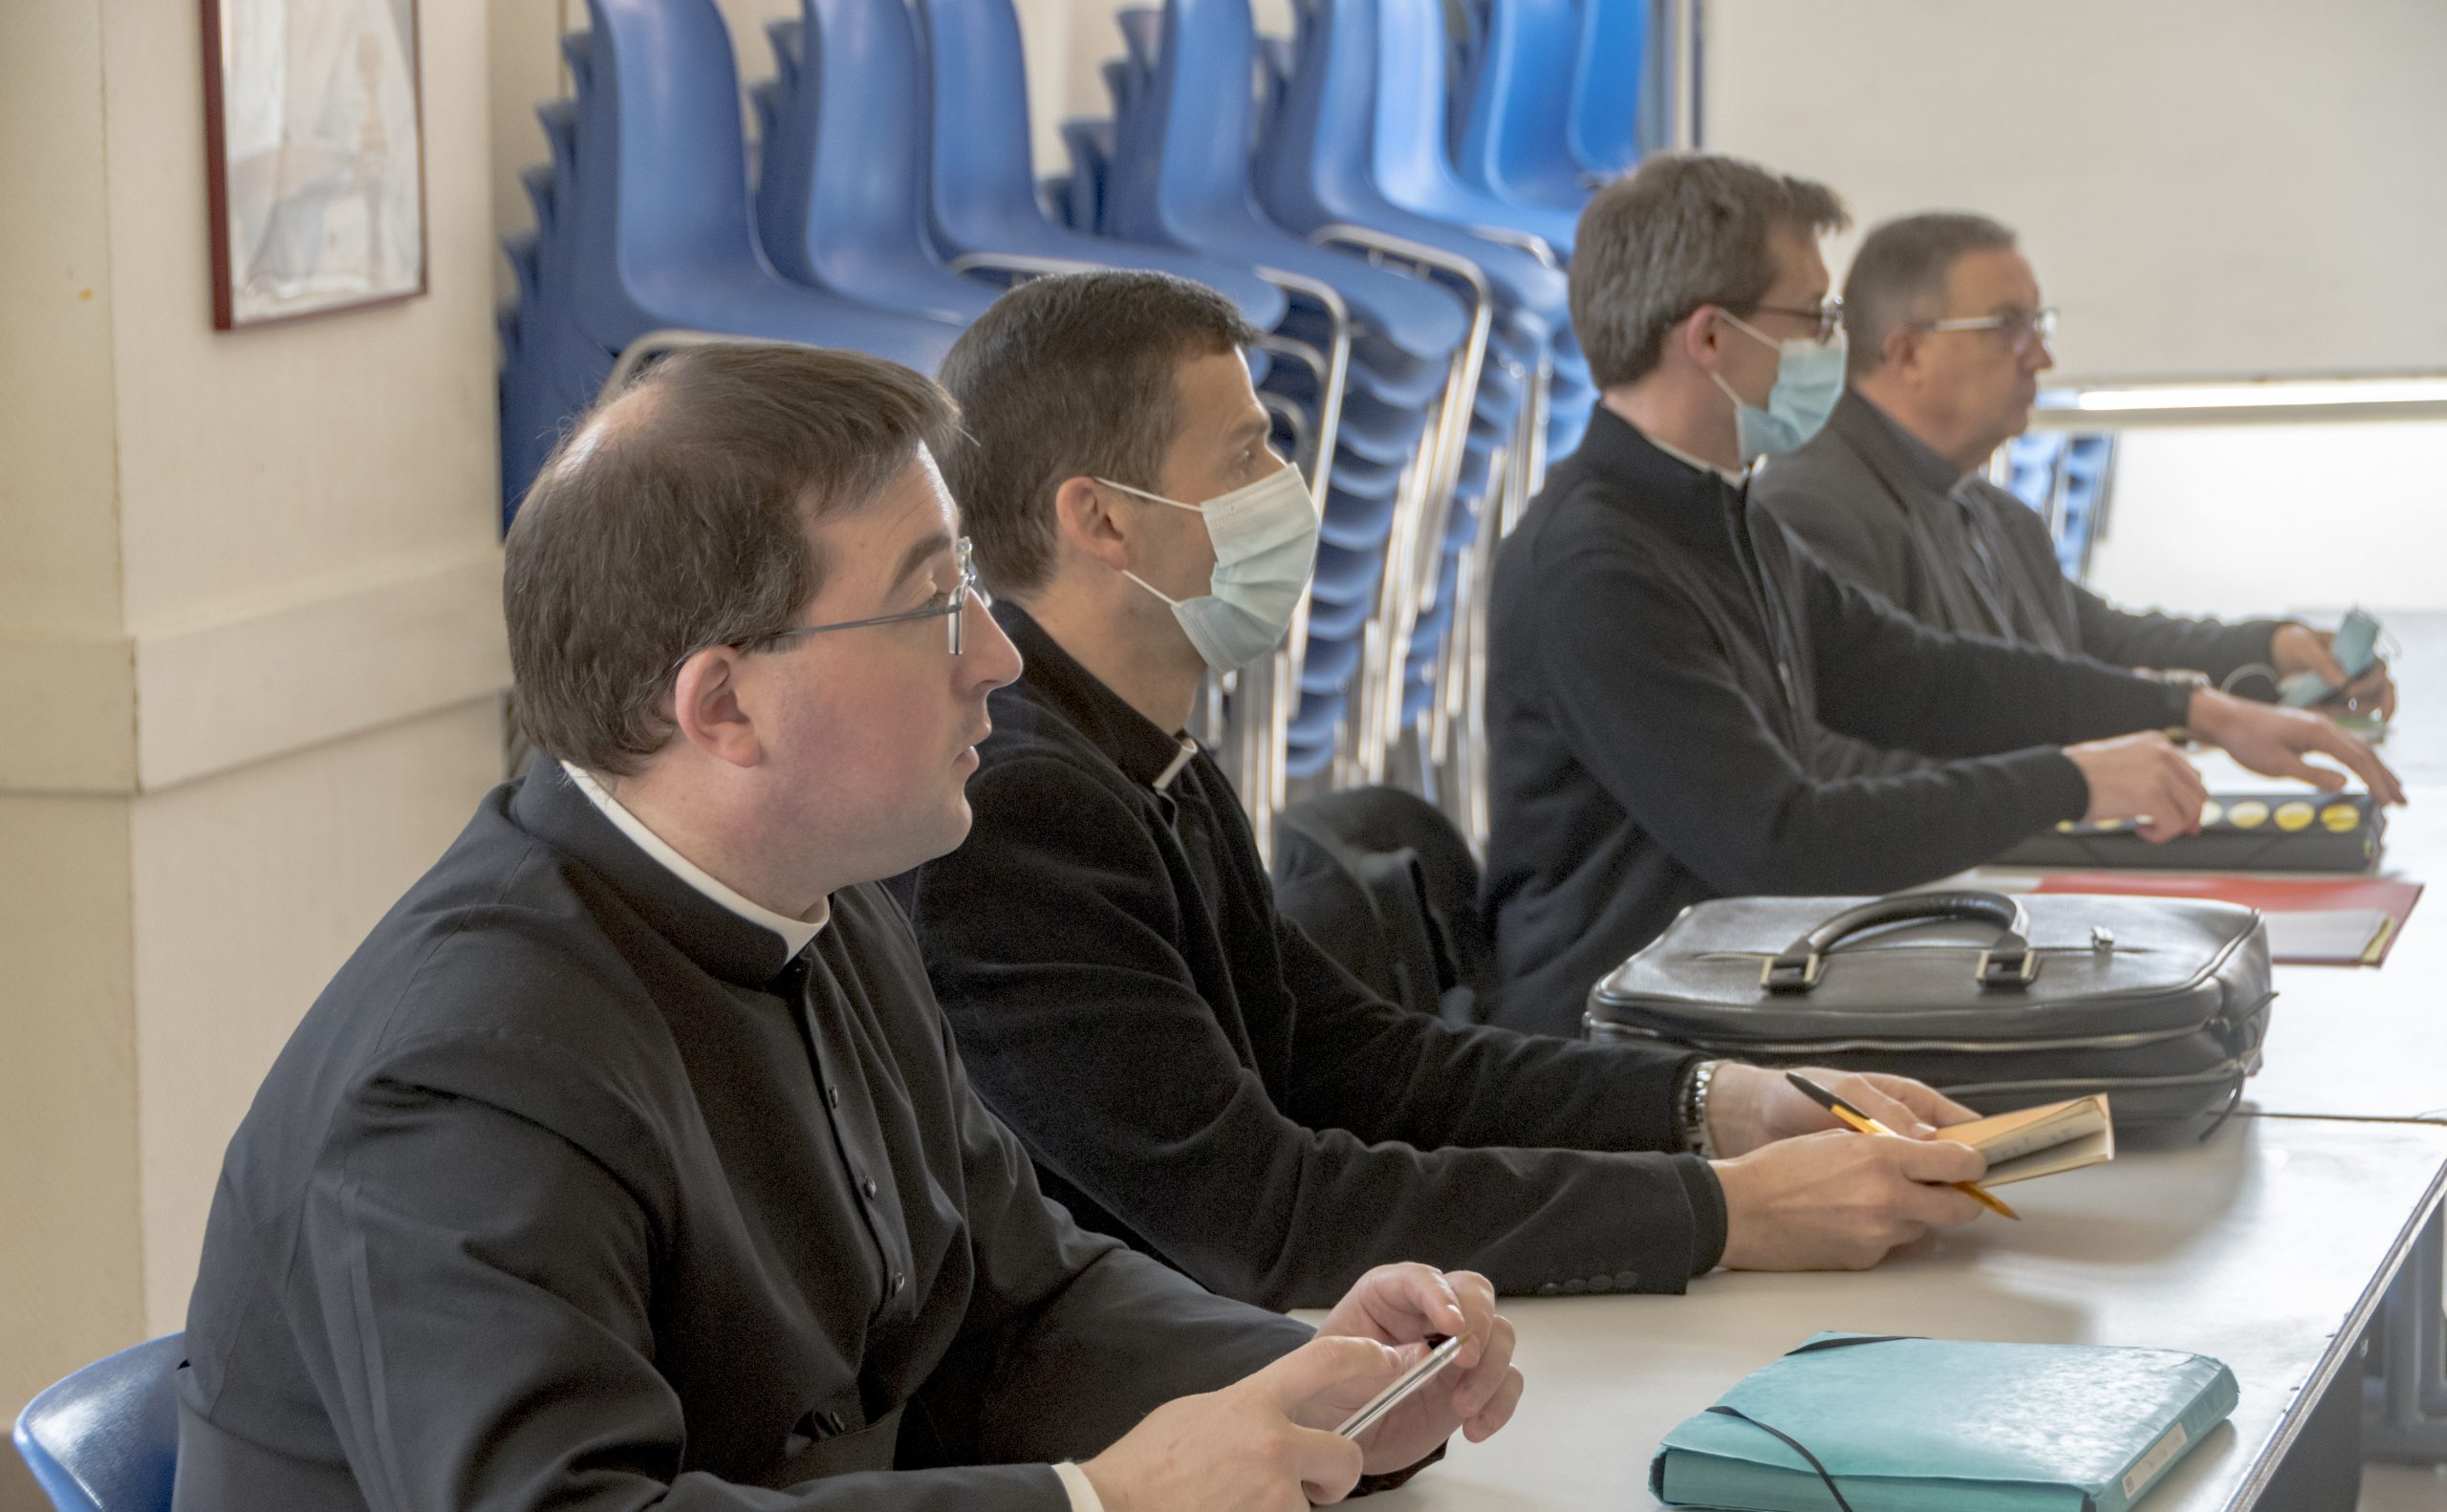 Le conseil presbytéral attentif à la santé des prêtres